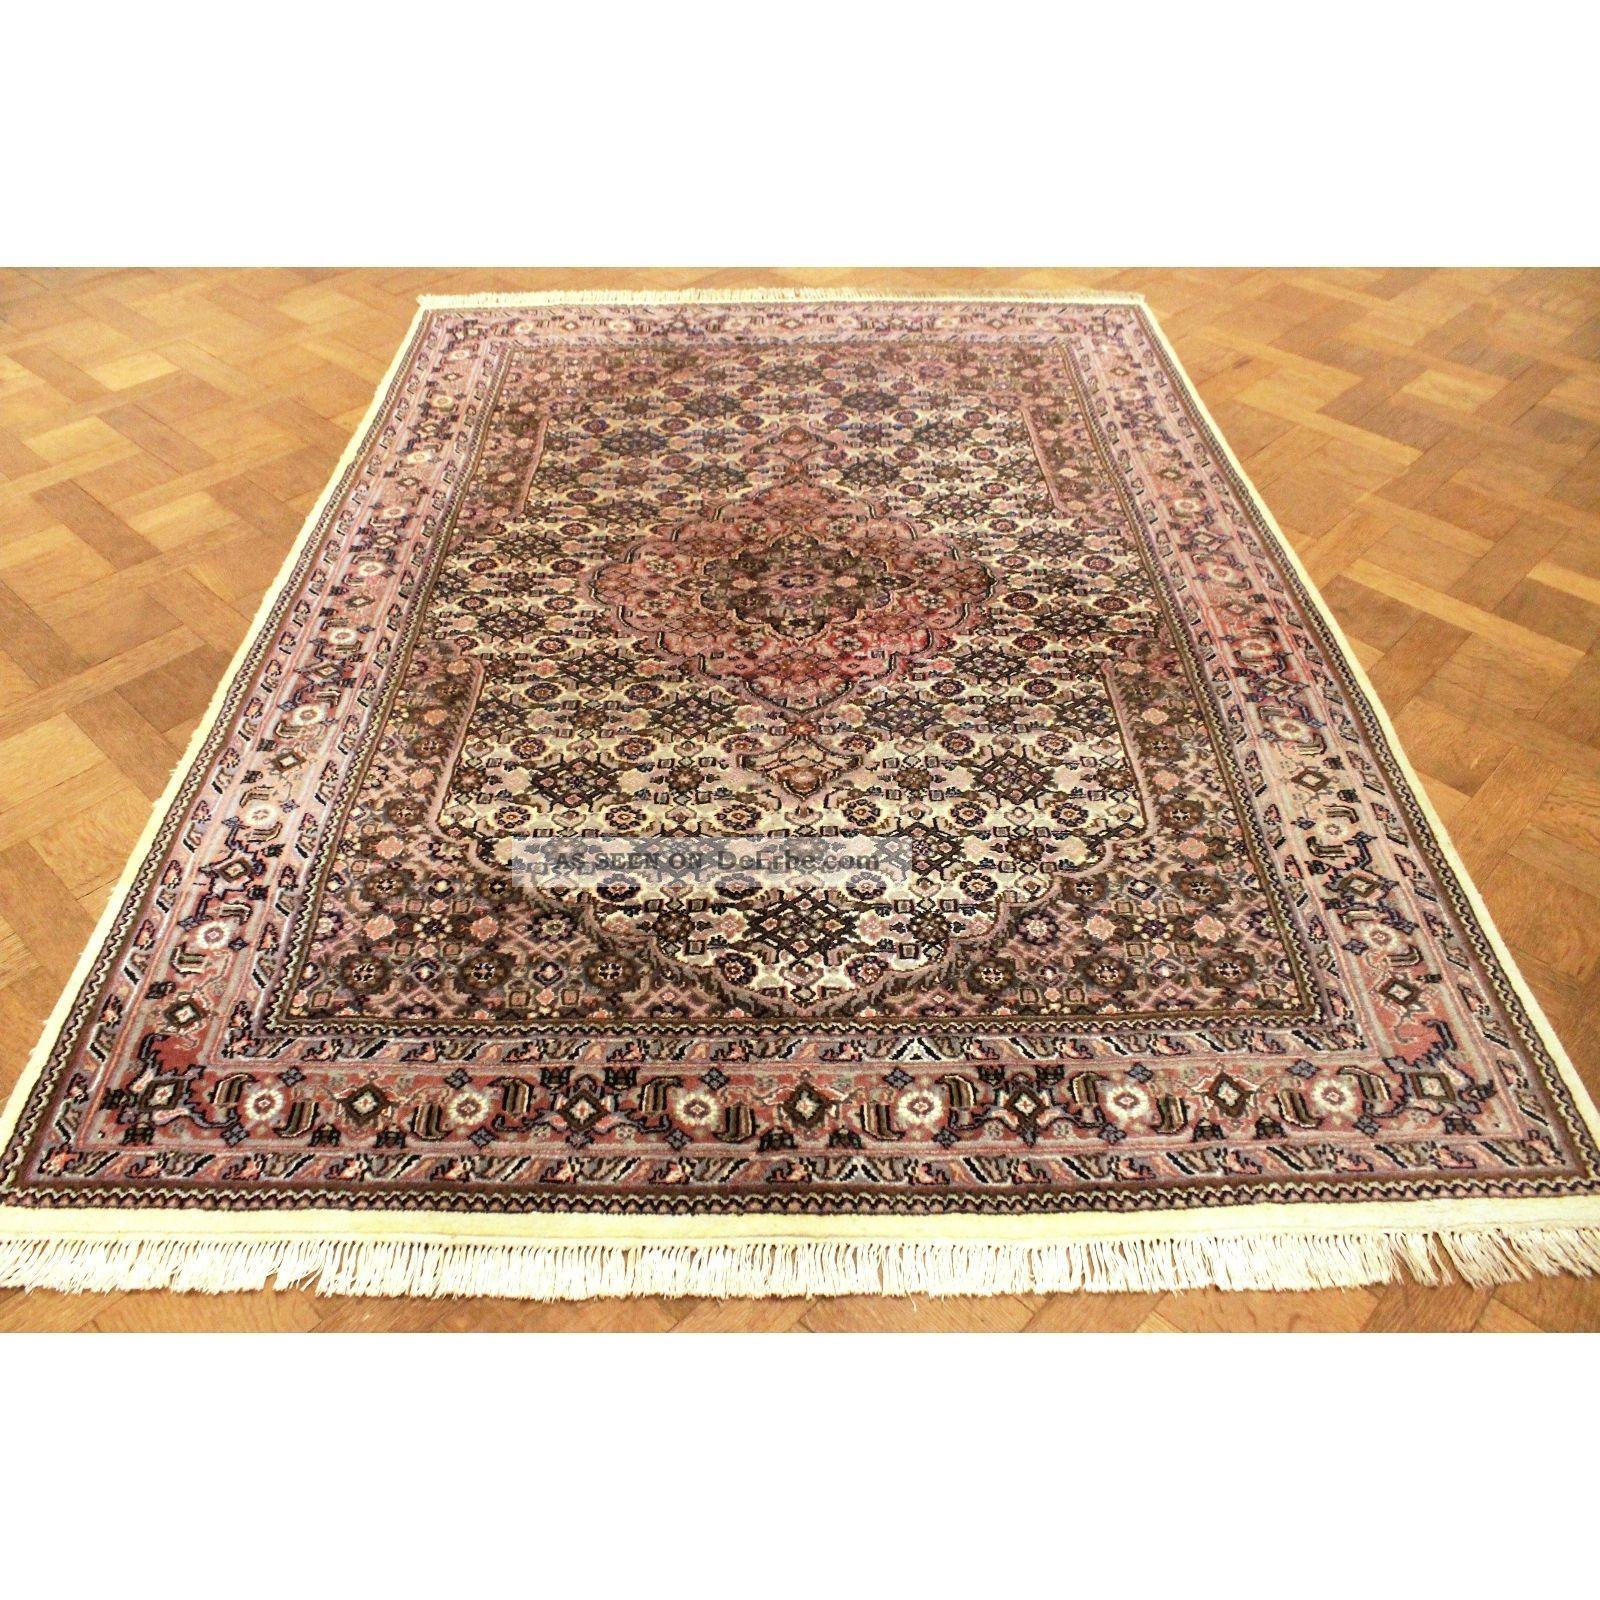 Schön Handgeknüpfter Blumen Perser Teppich Herati Nain Carpet Tappeto 240x170cm Teppiche & Flachgewebe Bild